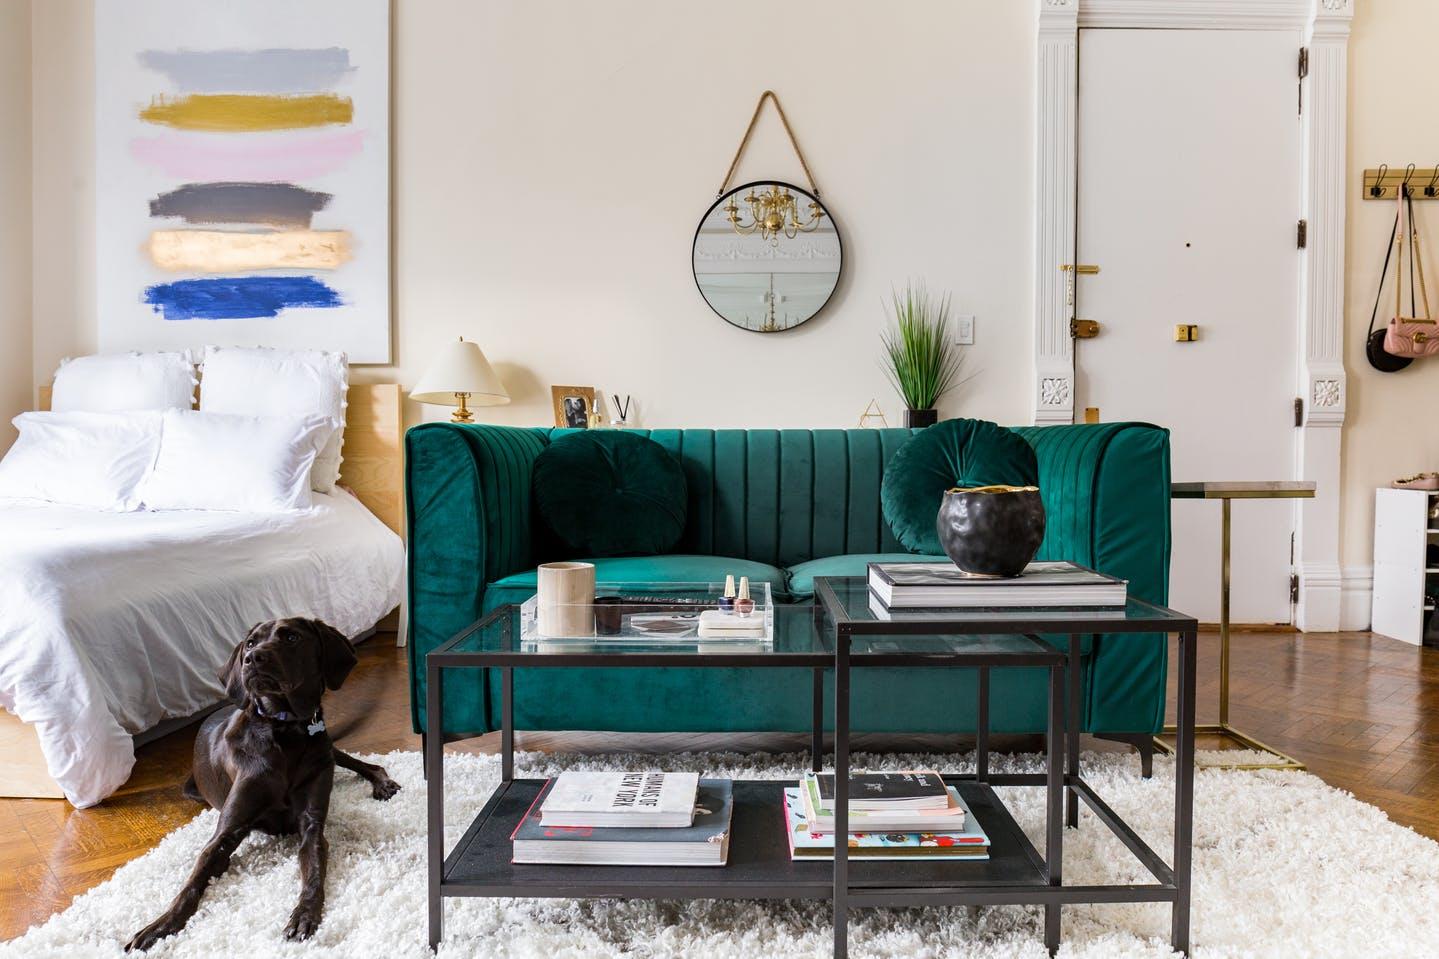 Studio Apartment | @maevestier